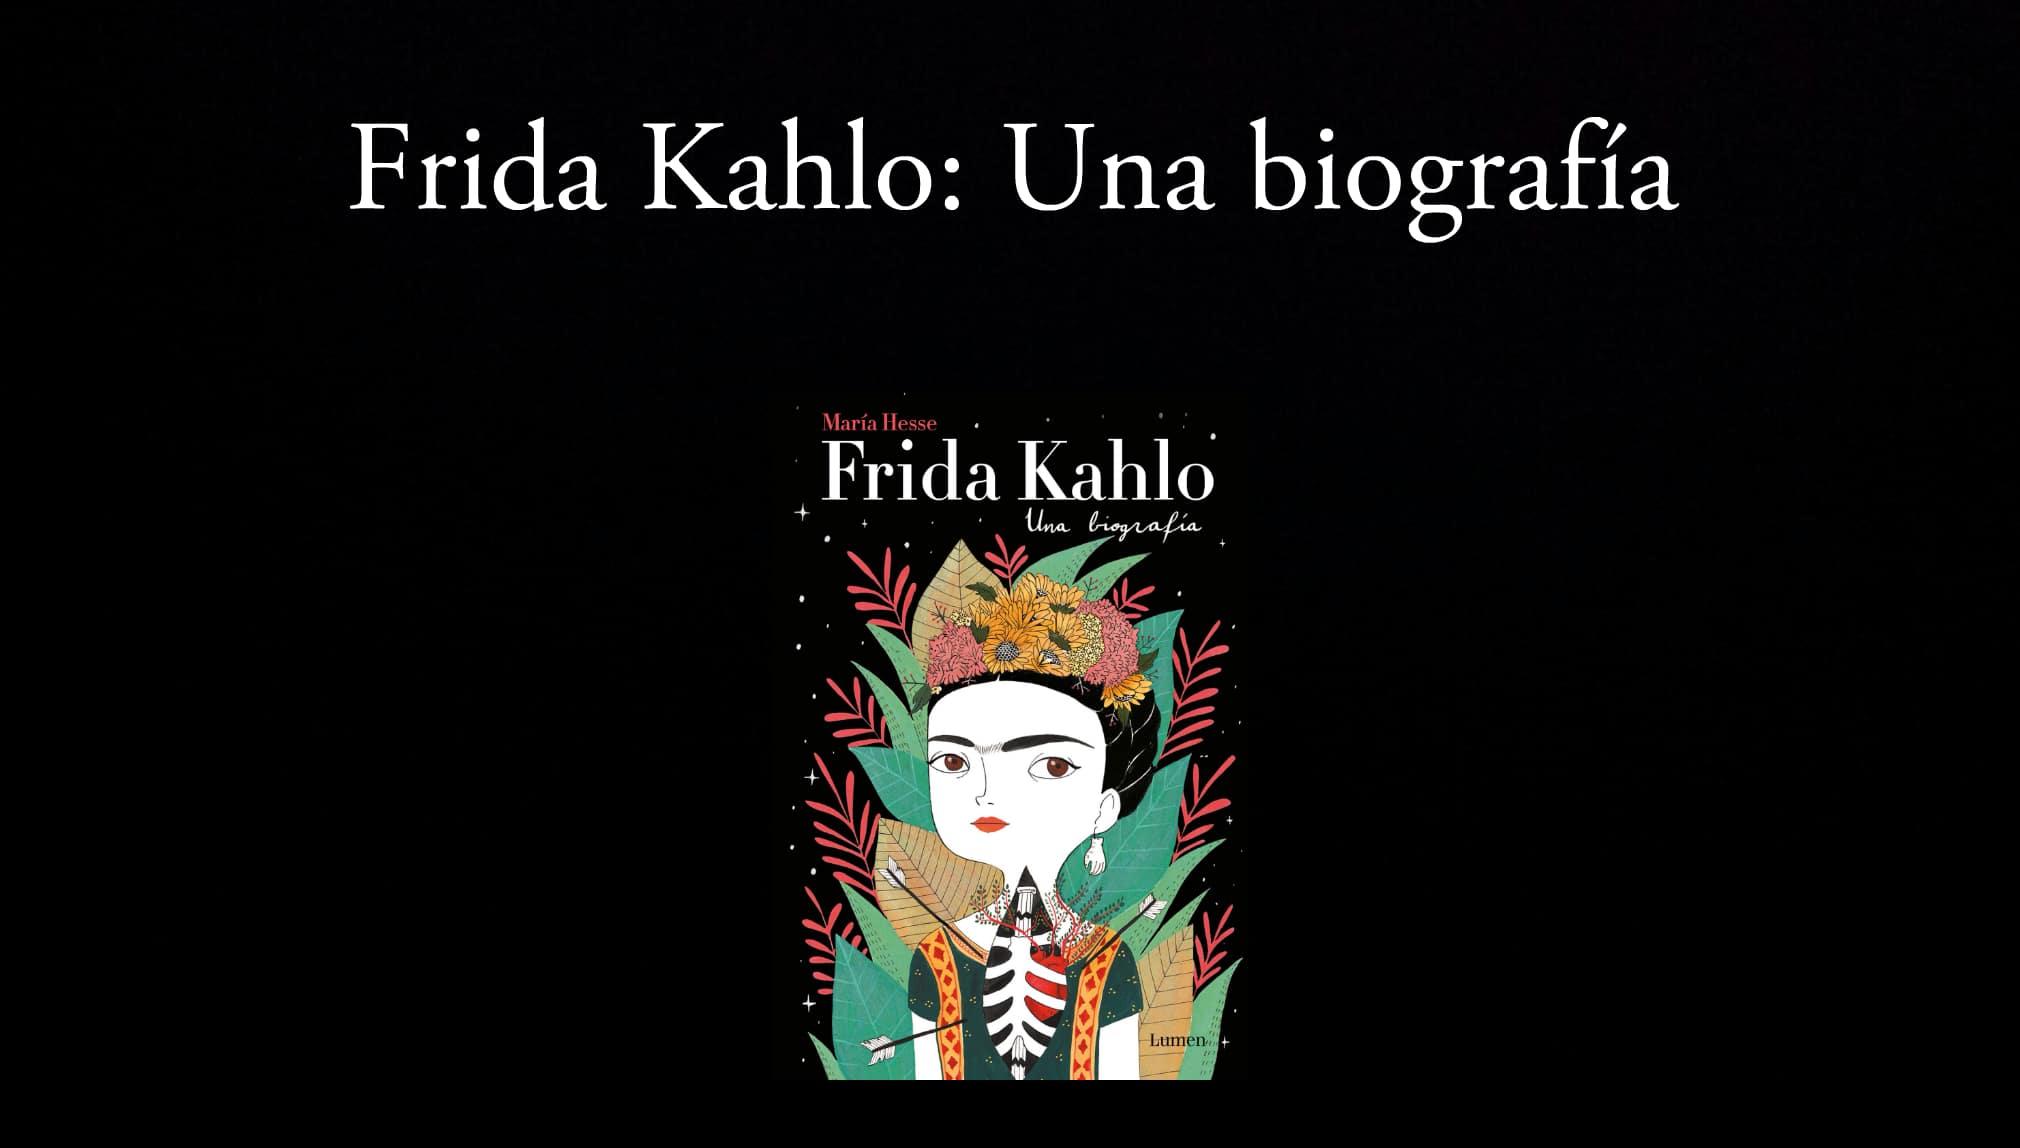 Frida Kahlo: Una biografía.